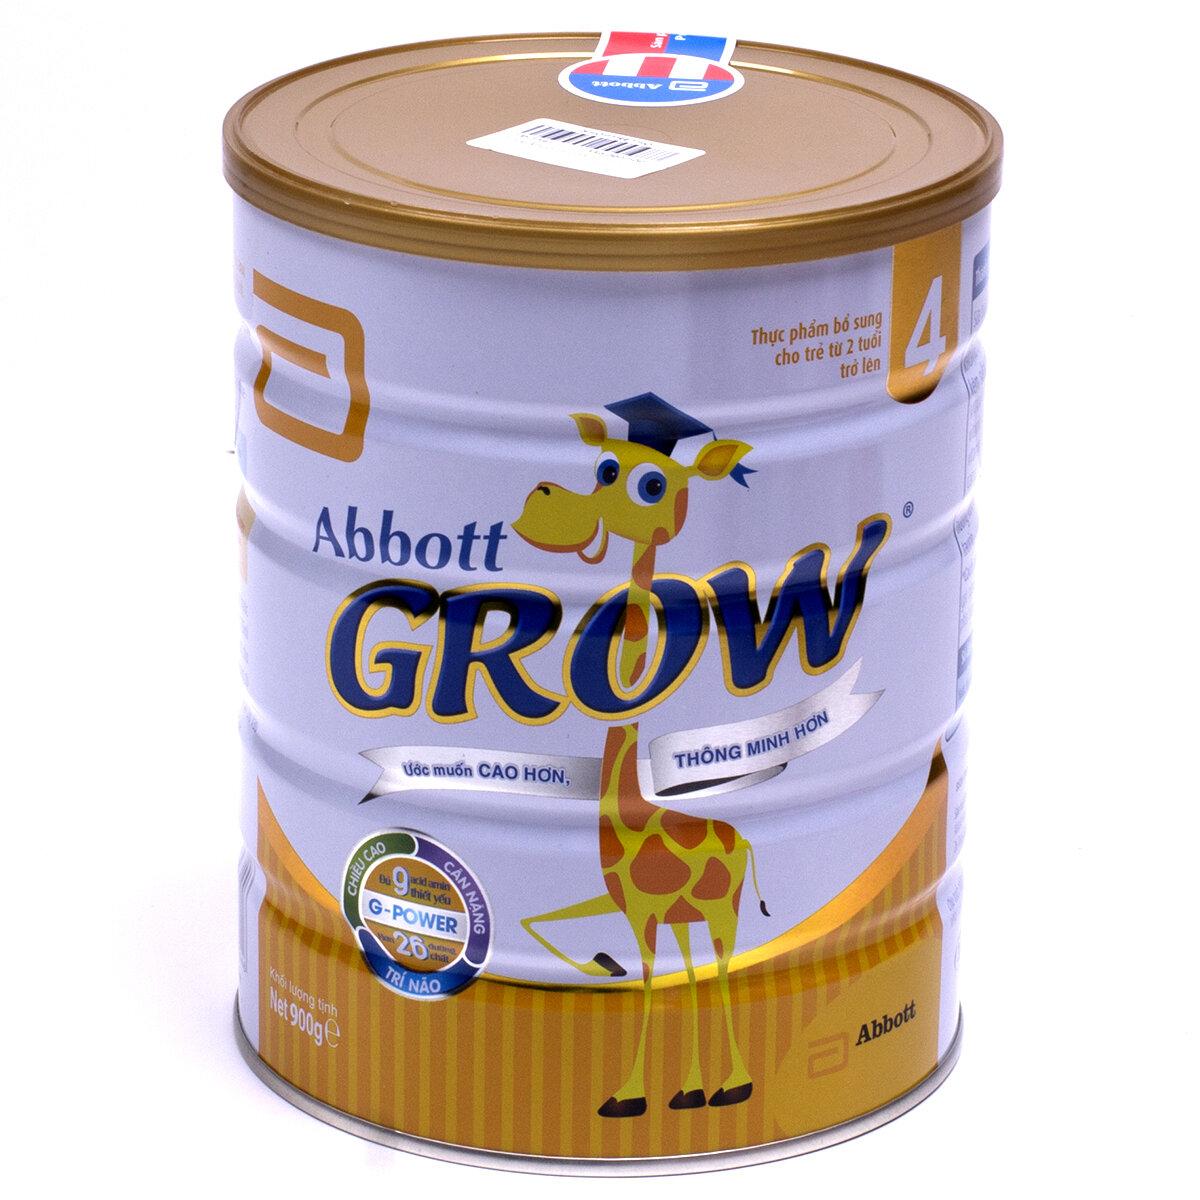 Sữa bột Abbott Grow 4 được nhiều trẻ em yêu thích hiện nay với hương vani thơm dịu